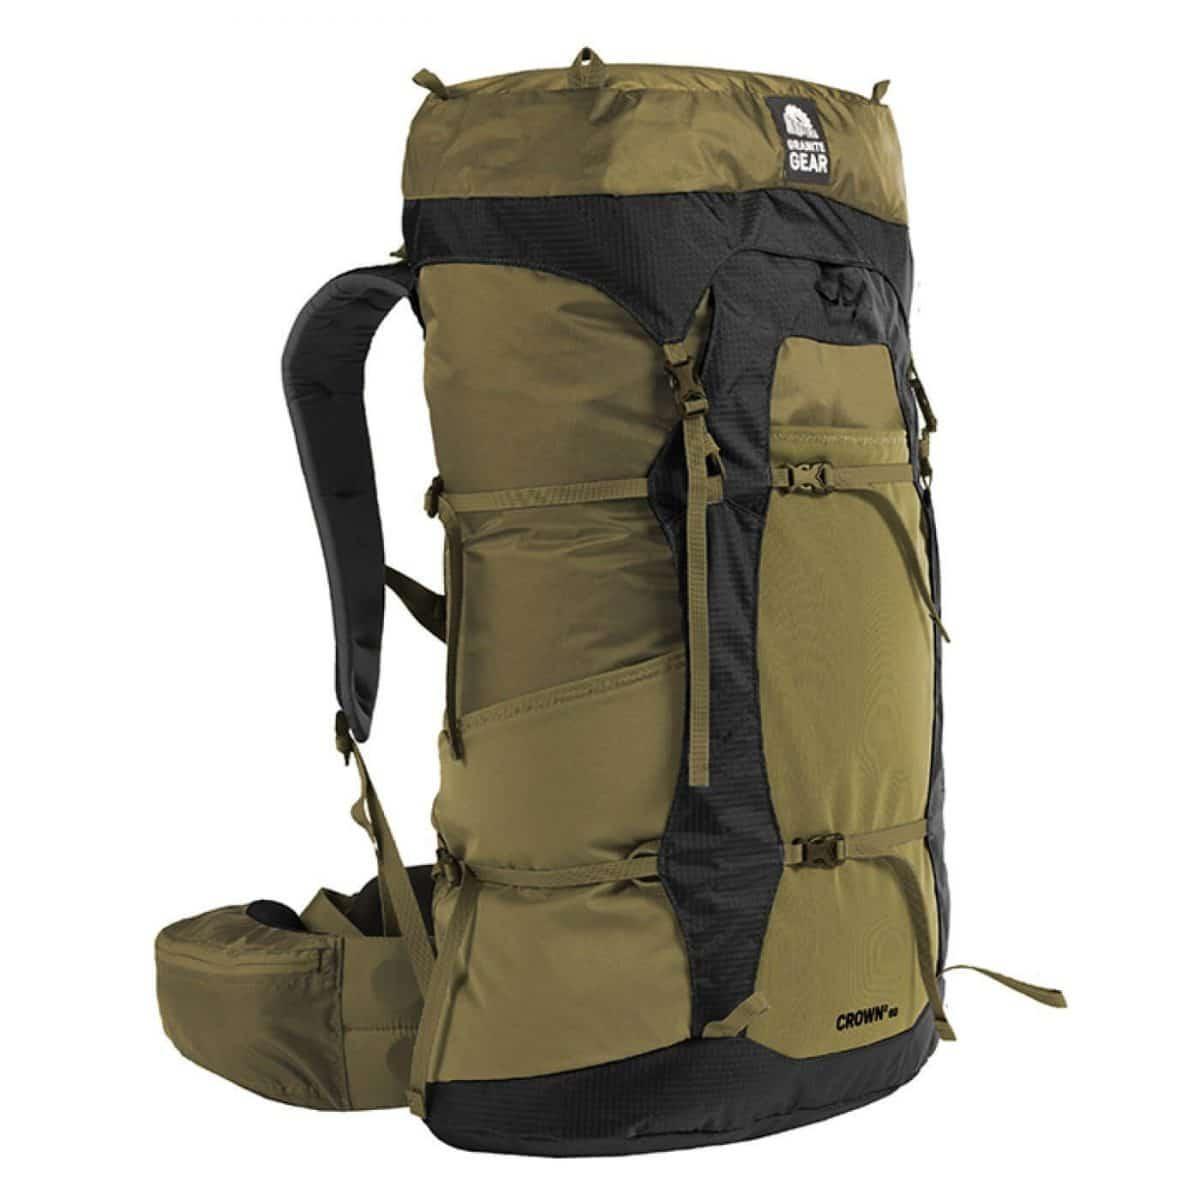 Granite Gear Crown Hiking Bag